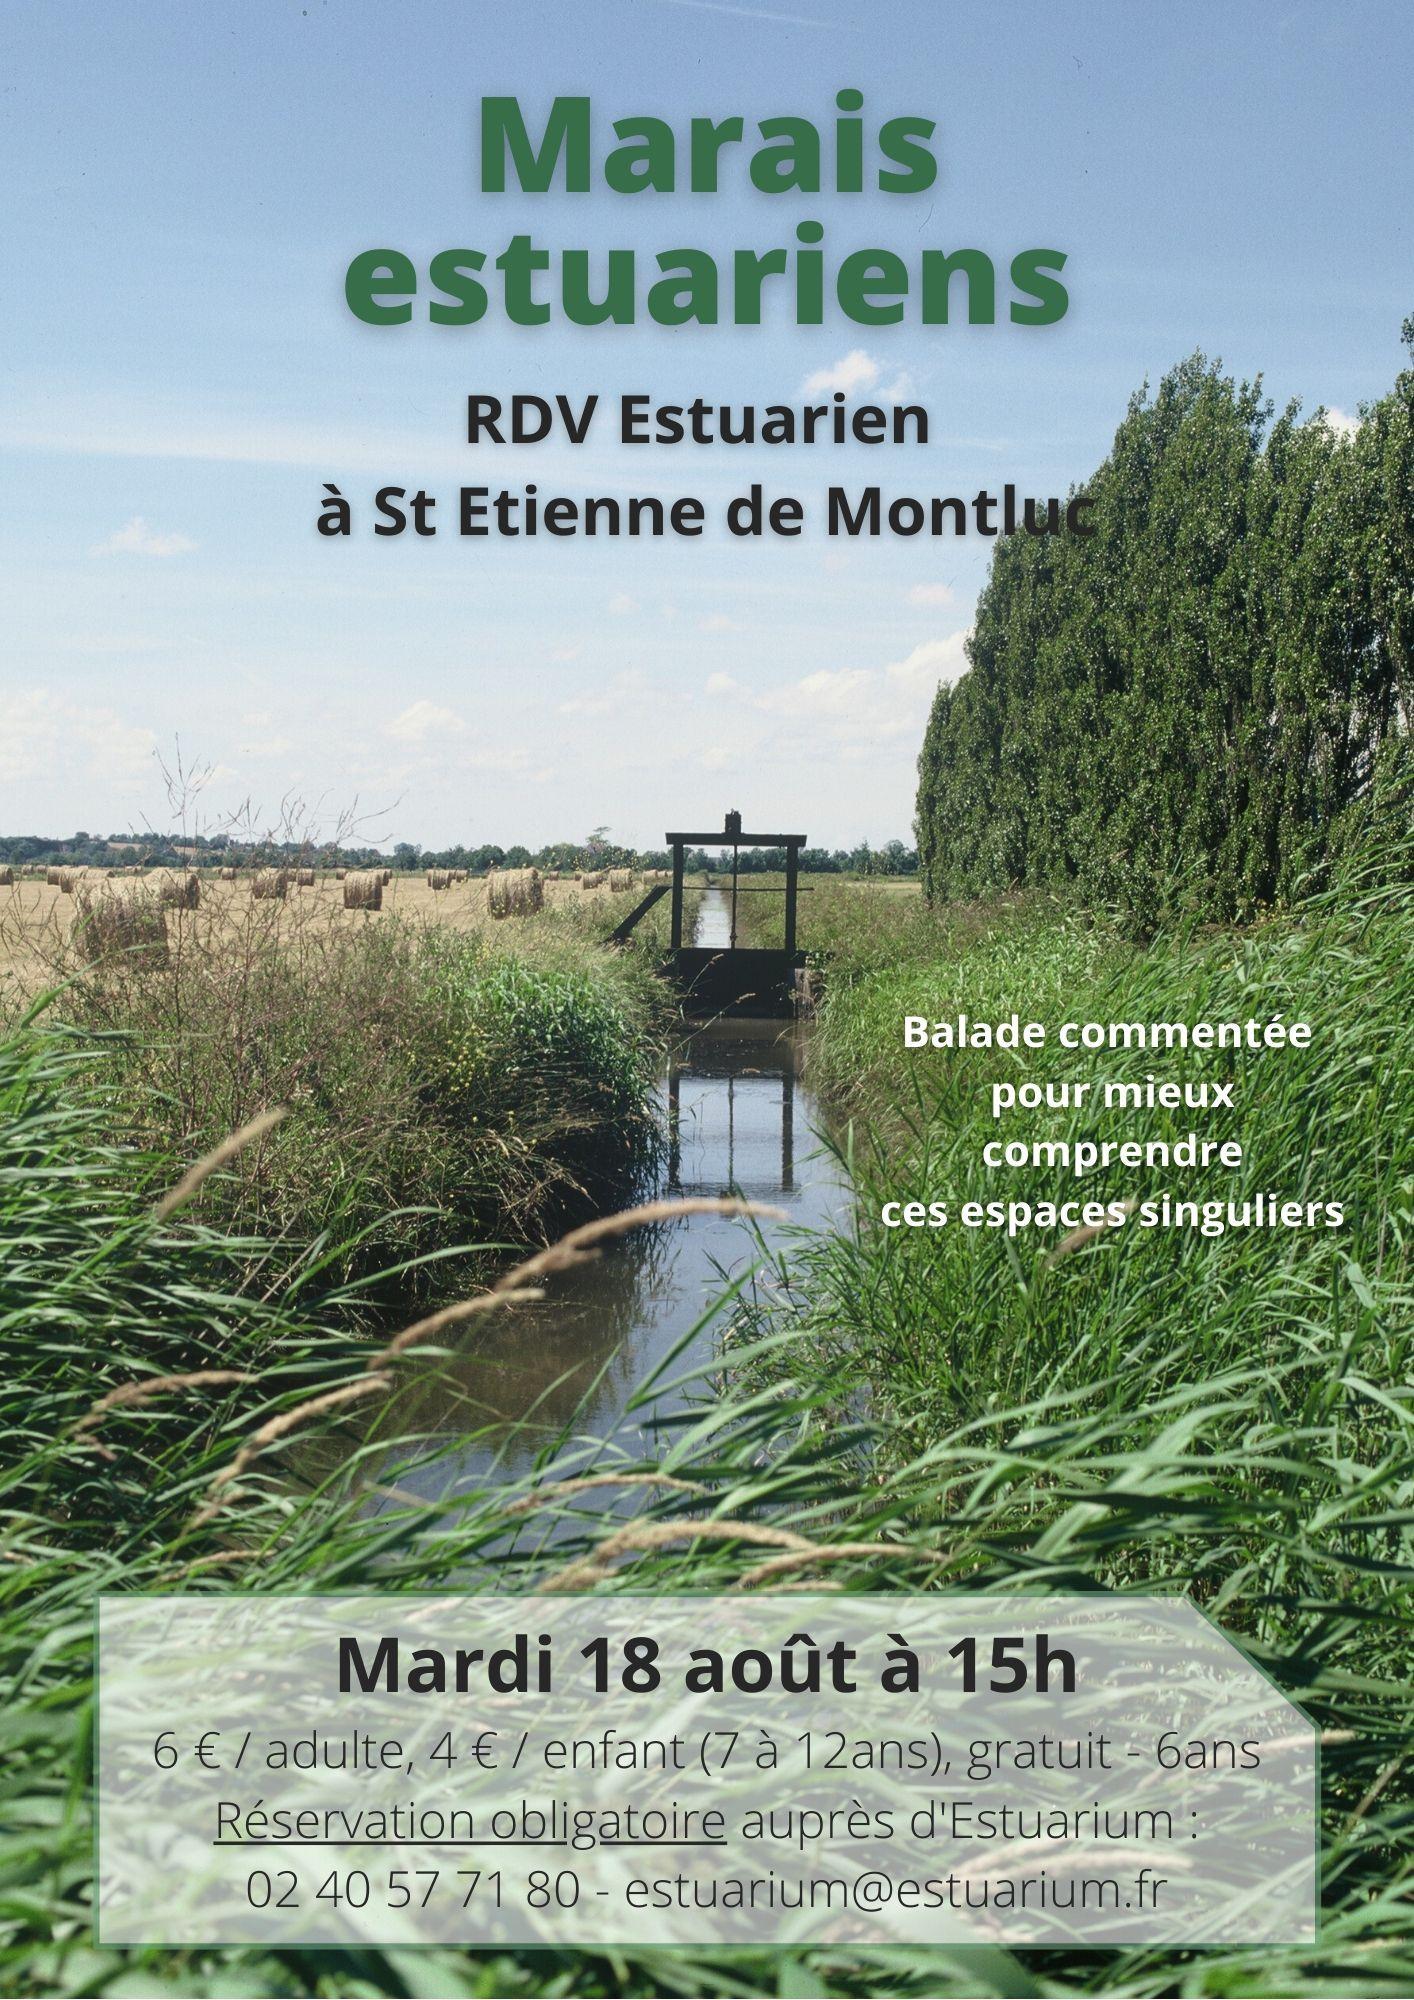 RDV Estuarien aout 2020 - Marais estuariens - ST ETIENNE